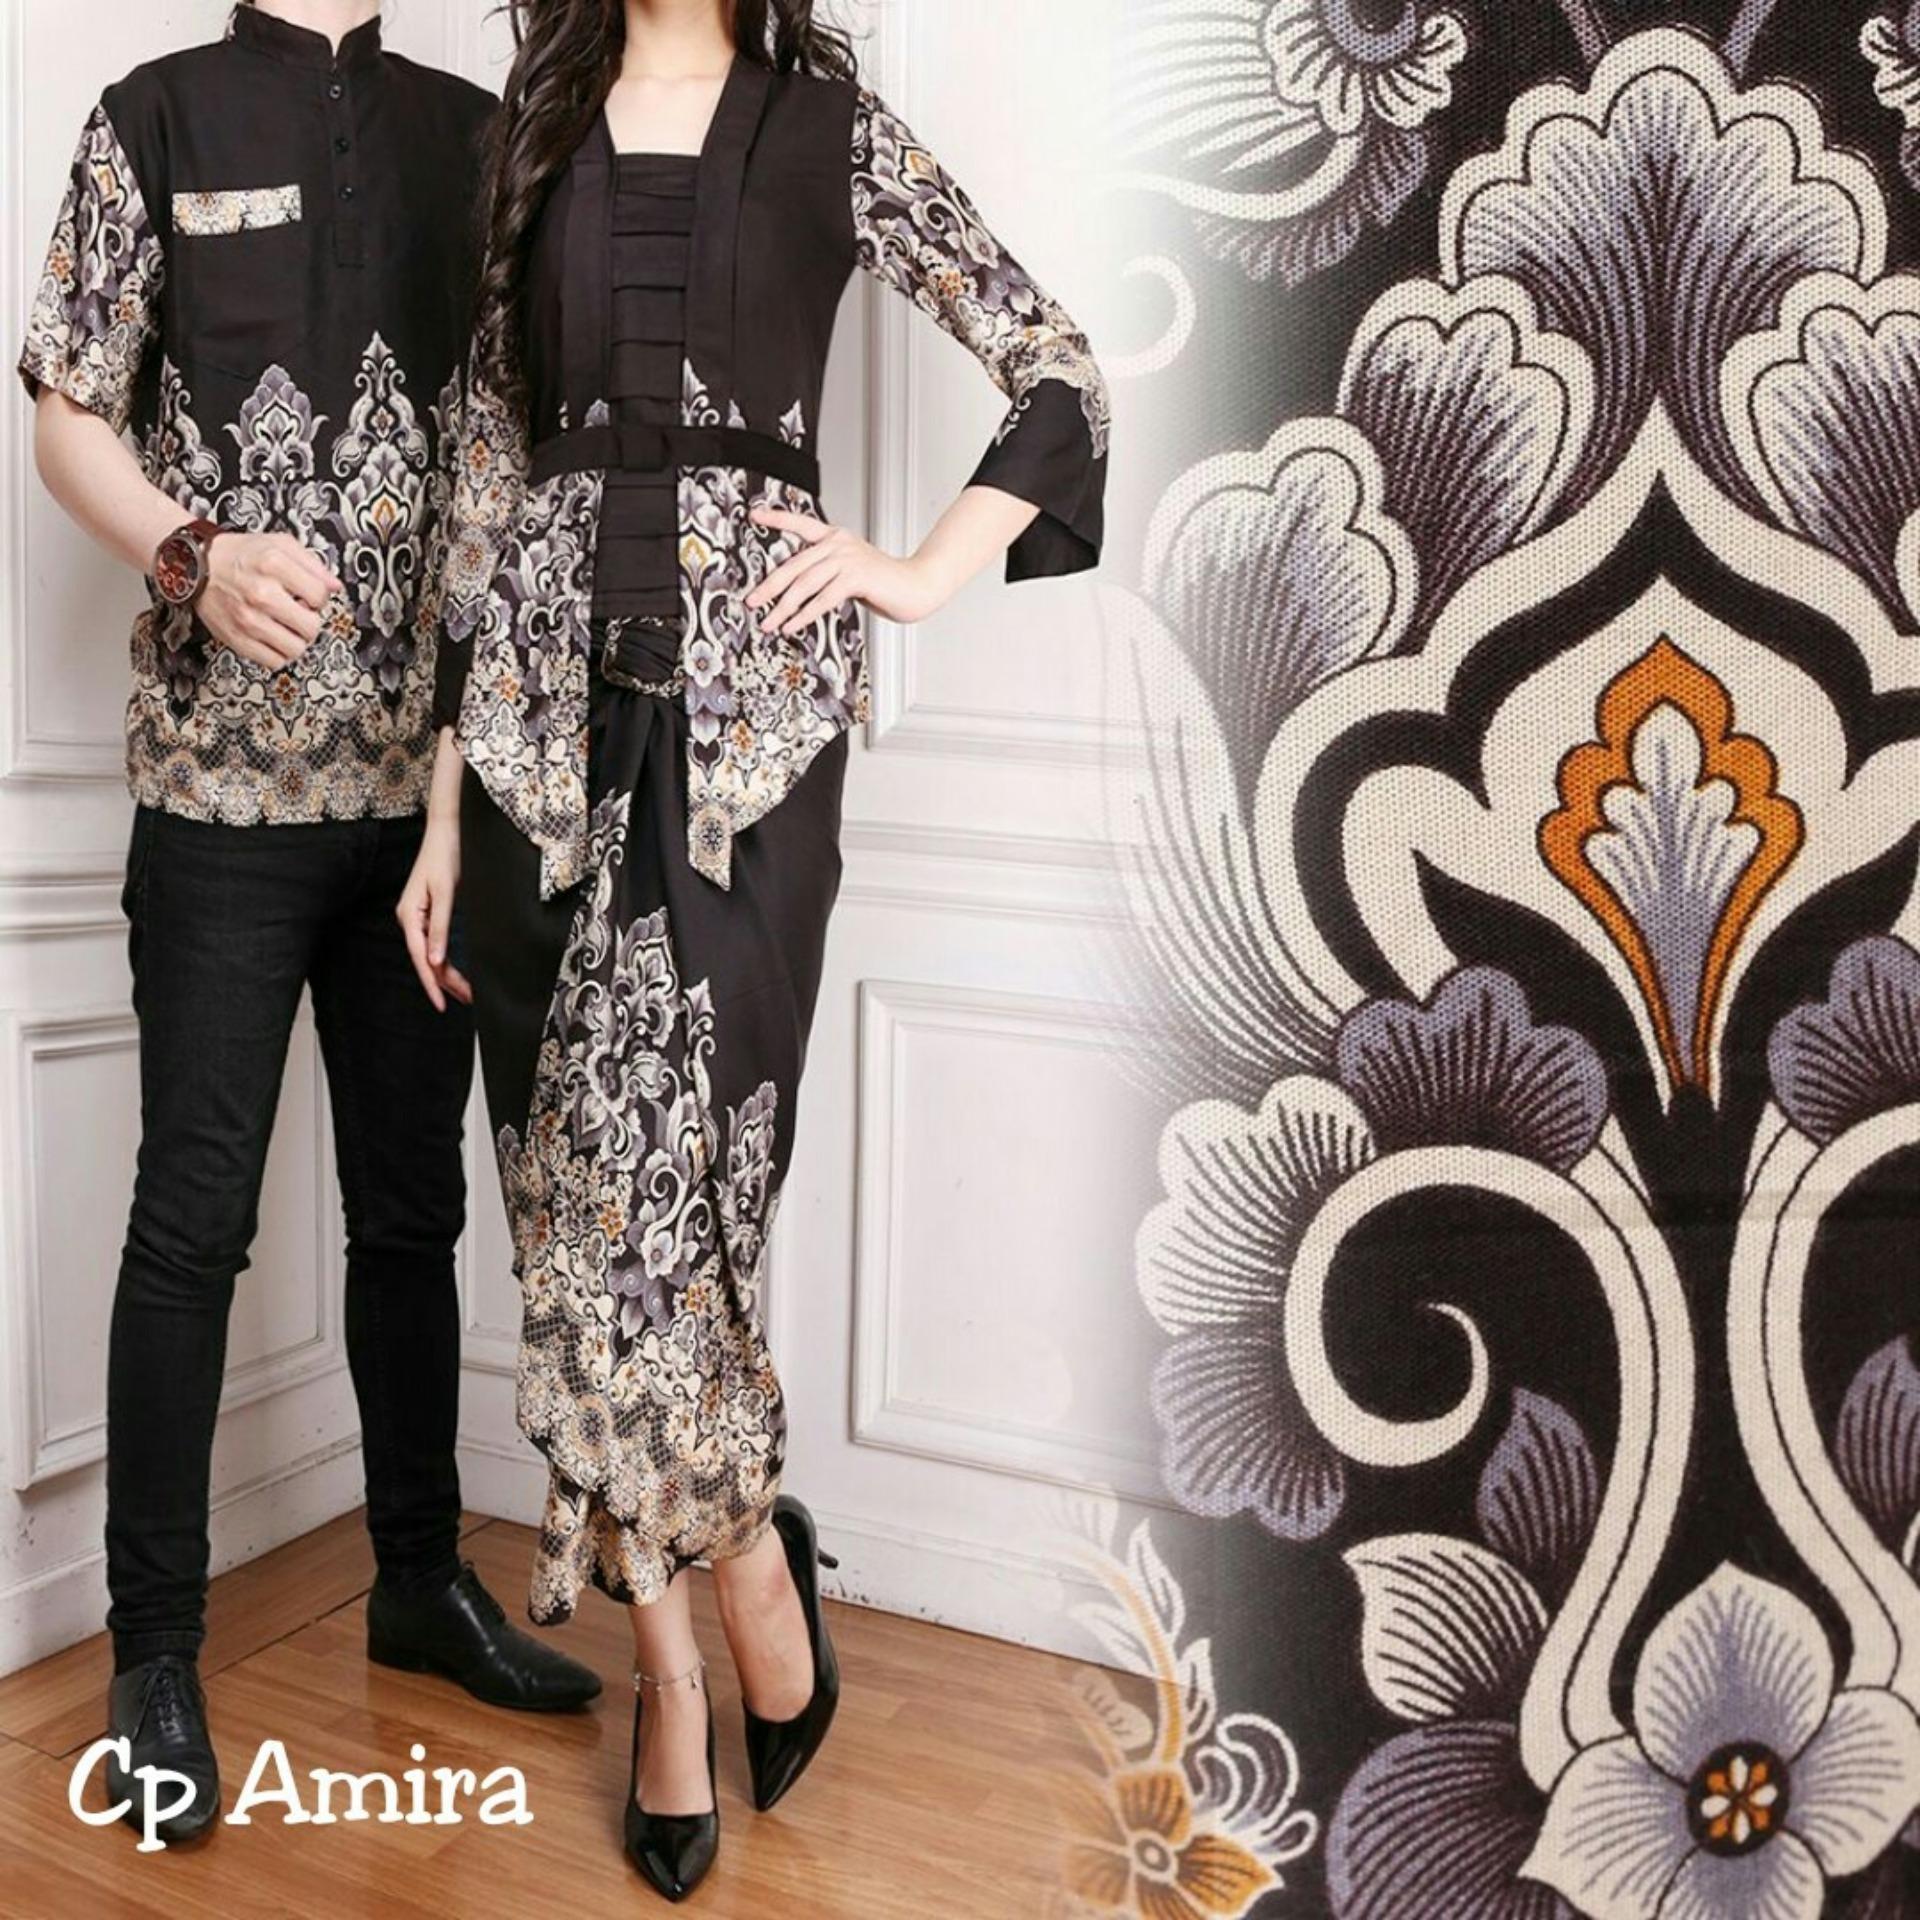 Kedai_baju Batik Couple Motif Asli / CP Amira Hitam - IA